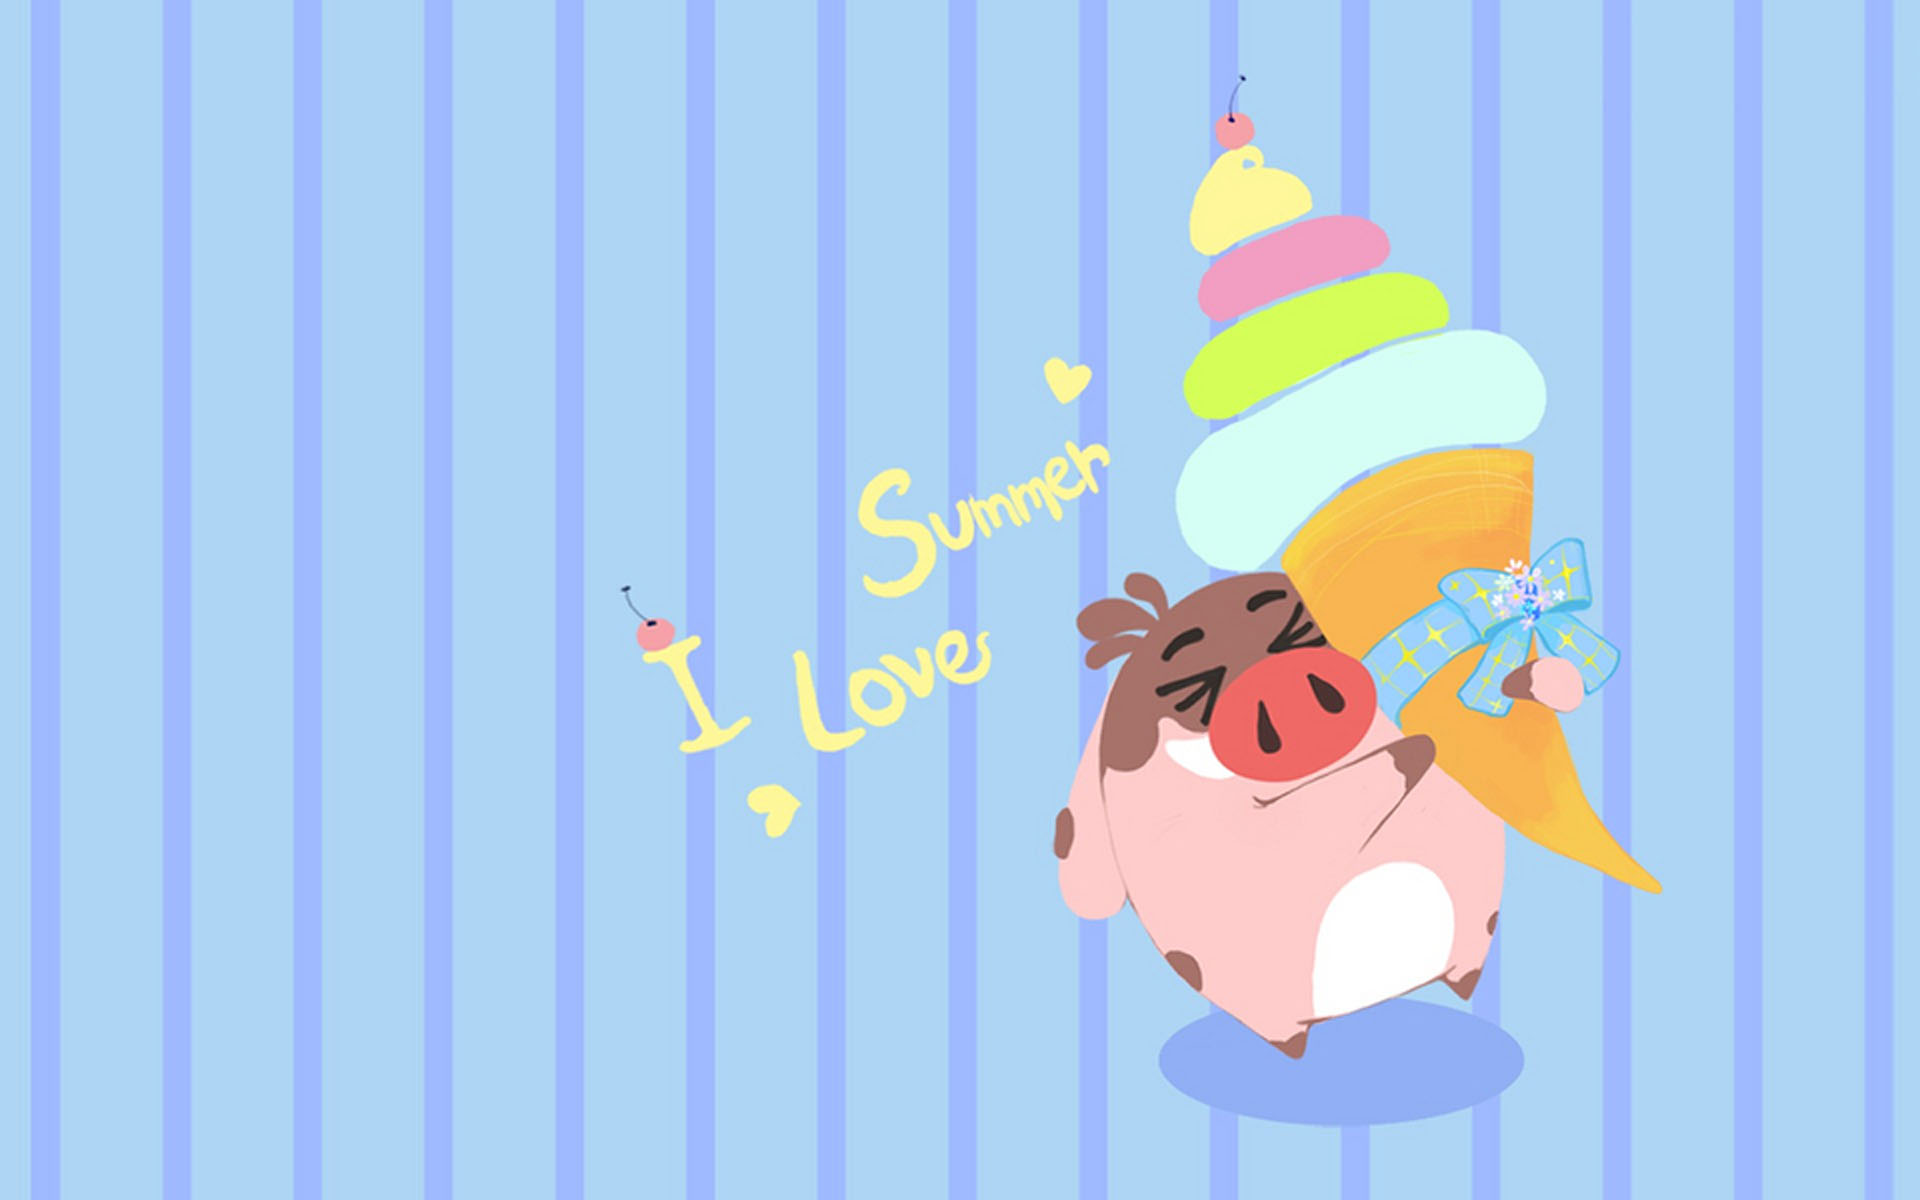 2018年11月可爱小猪卡通图片日历壁纸,分辨率:1920x